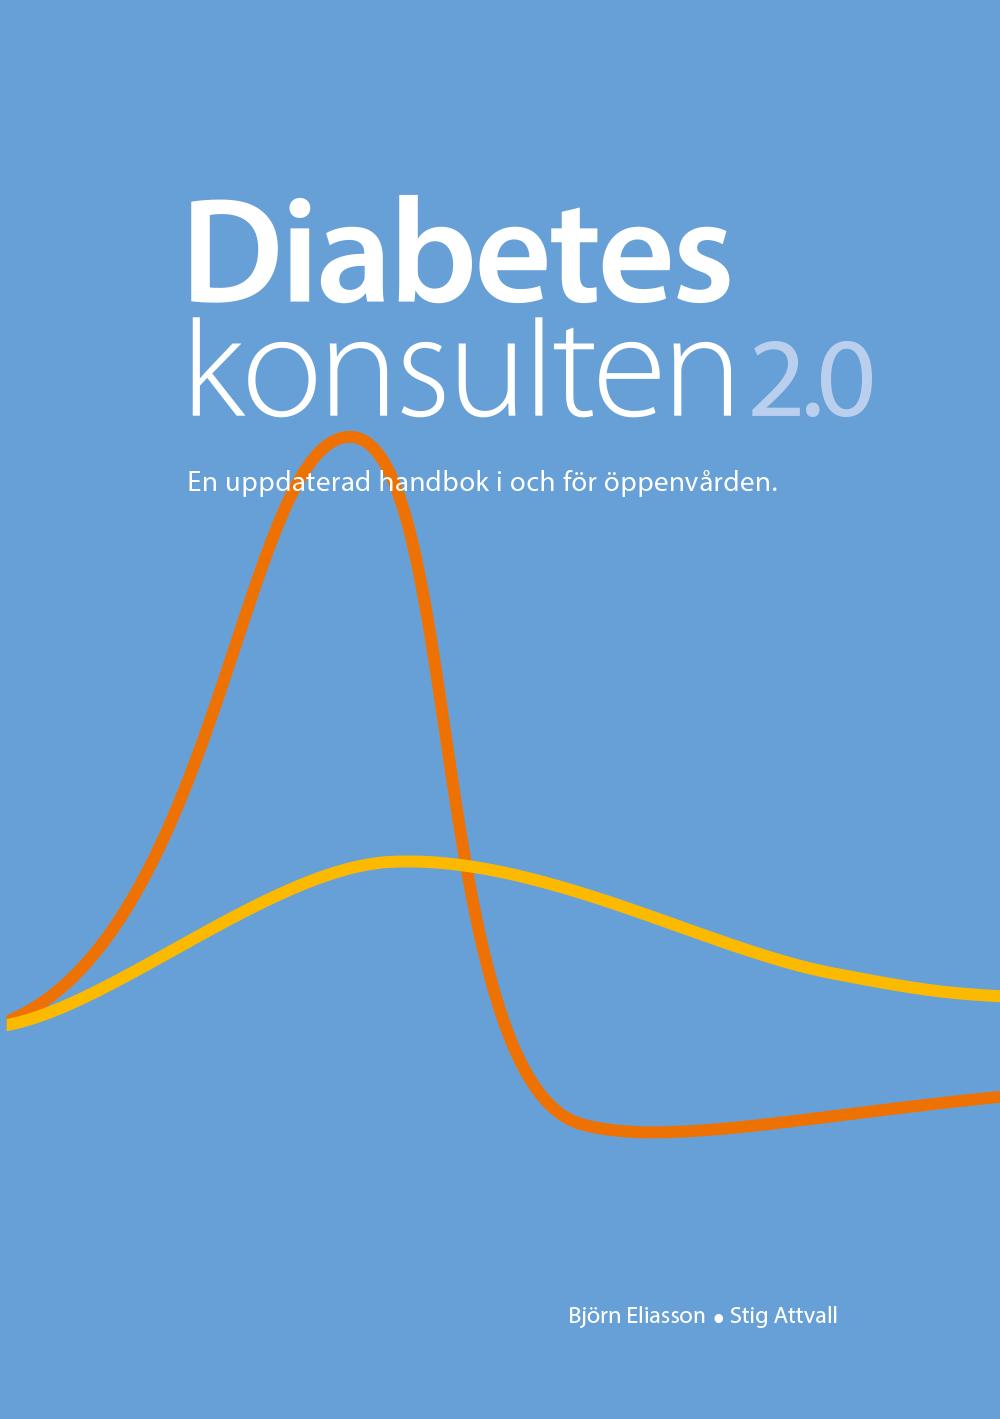 Diabeteskonsulten 2.0